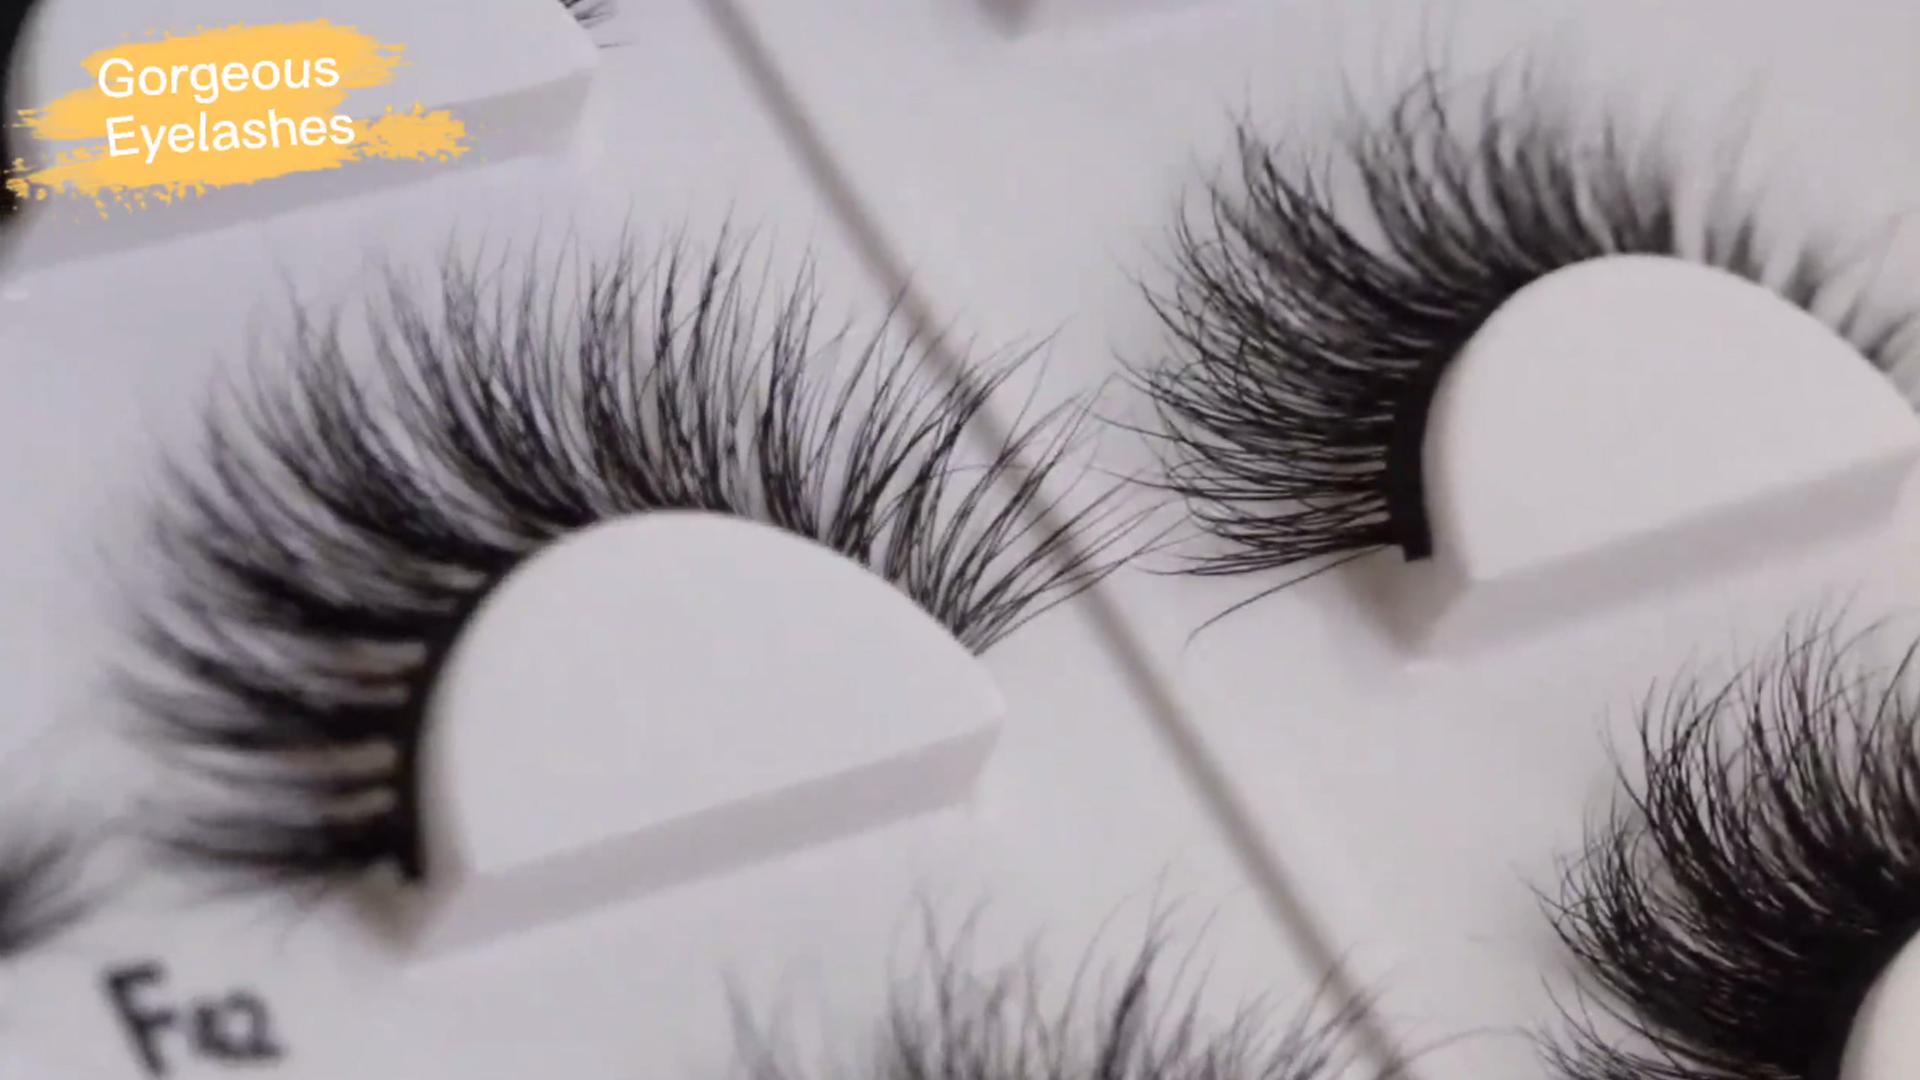 Introto 3d Cils De Vison 3d Faux Cils De Vison Gorgeous Eyelashes Ltd | Magnifique cil